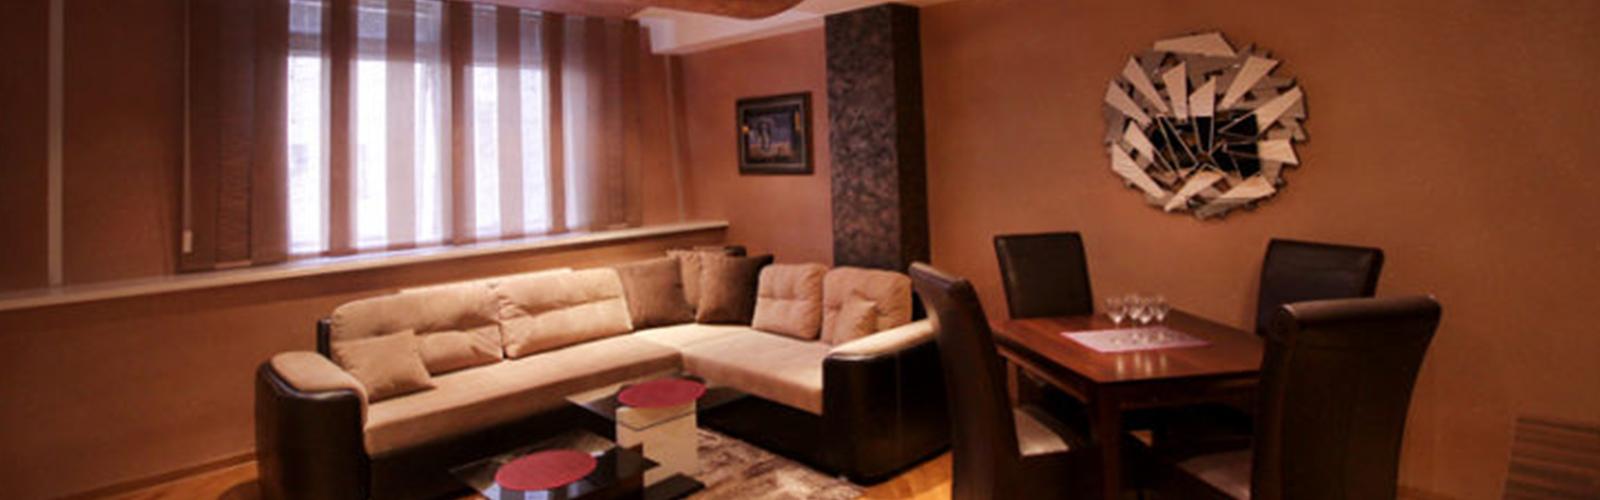 Concierge Belgrade | Apartman Delta Top 25